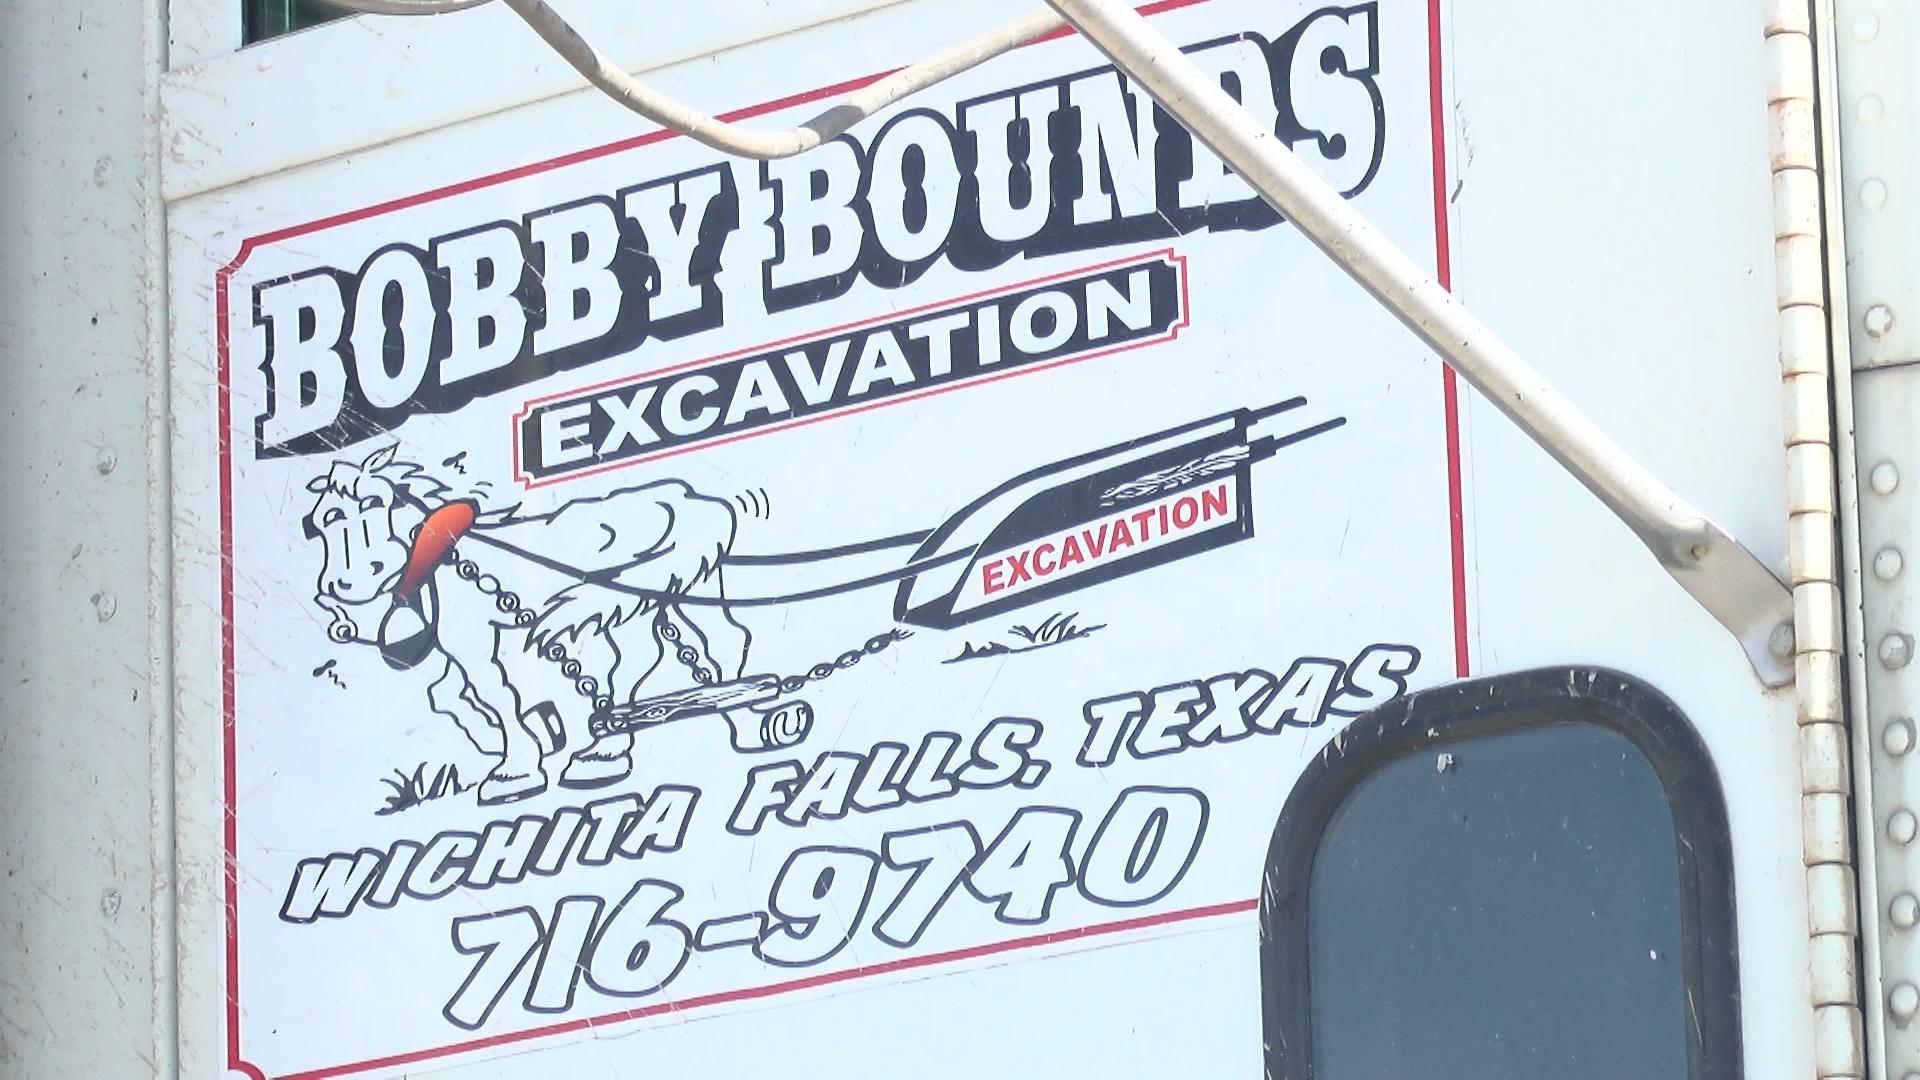 BOBBY BOUNDS_1457127845028.jpg